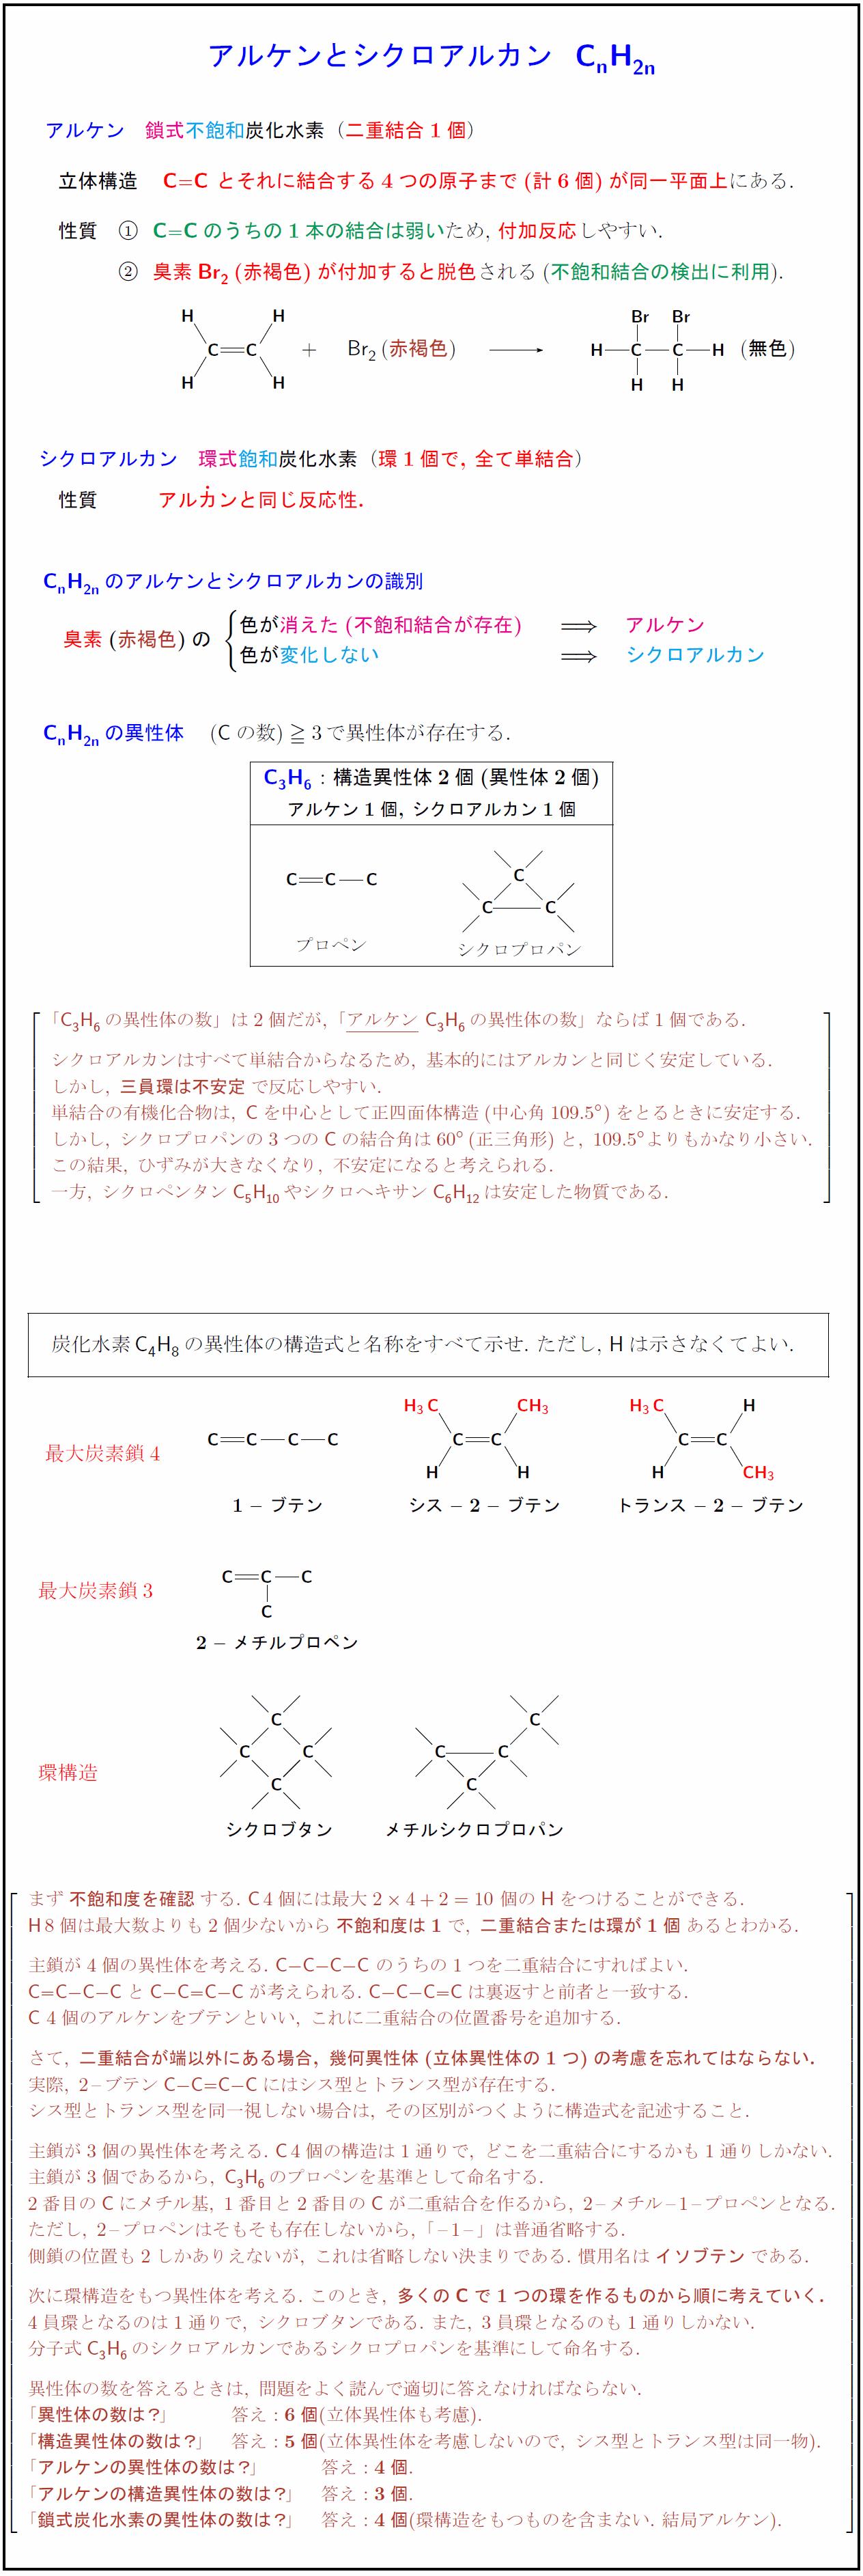 alkene-cycloalkane